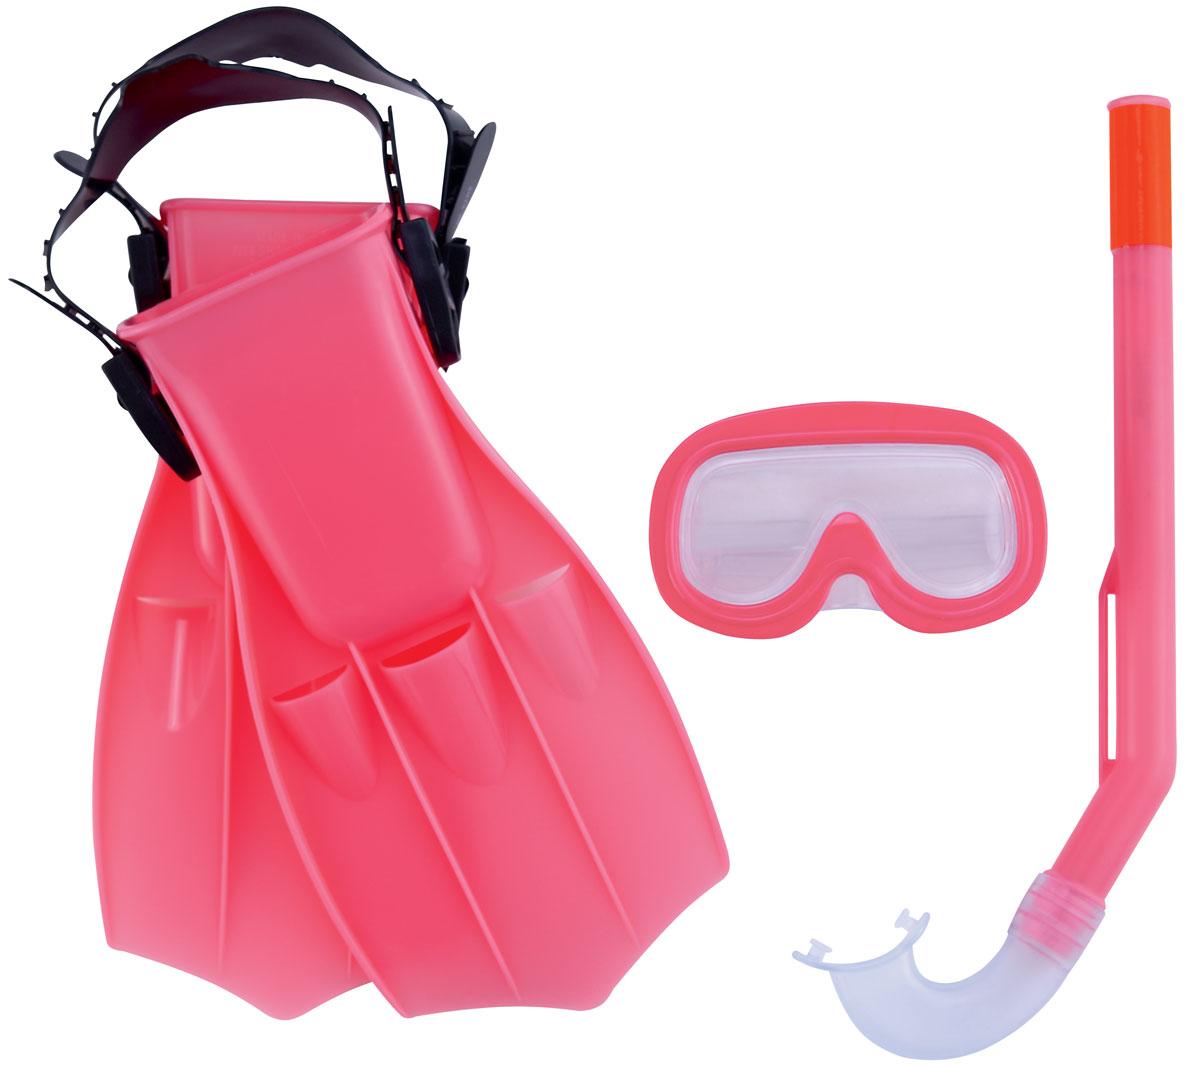 Bestway Набор для ныряния детский Play Pro. 25008470.002Детский набор для ныряния Bestway Play Pro предназначен для малышей в возрасте от 3 до 6 лет. В комплект входит удобная маска, обеспечивающая хороший обзор и прочное крепление, ласты и трубка со специальным стандартным изгибом, надежно предотвращающая попадание воды. С таким набором вы можете быть спокойны за безопасность ребенка, изучающего подводный мир. Гарантией качества, удобства и прочности этого набора является его известный производитель Bestway. Этот бренд, появившийся еще в 1993 году, зарекомендовал себя на рынке как изготовитель первоклассных изделий для активного отдыха.